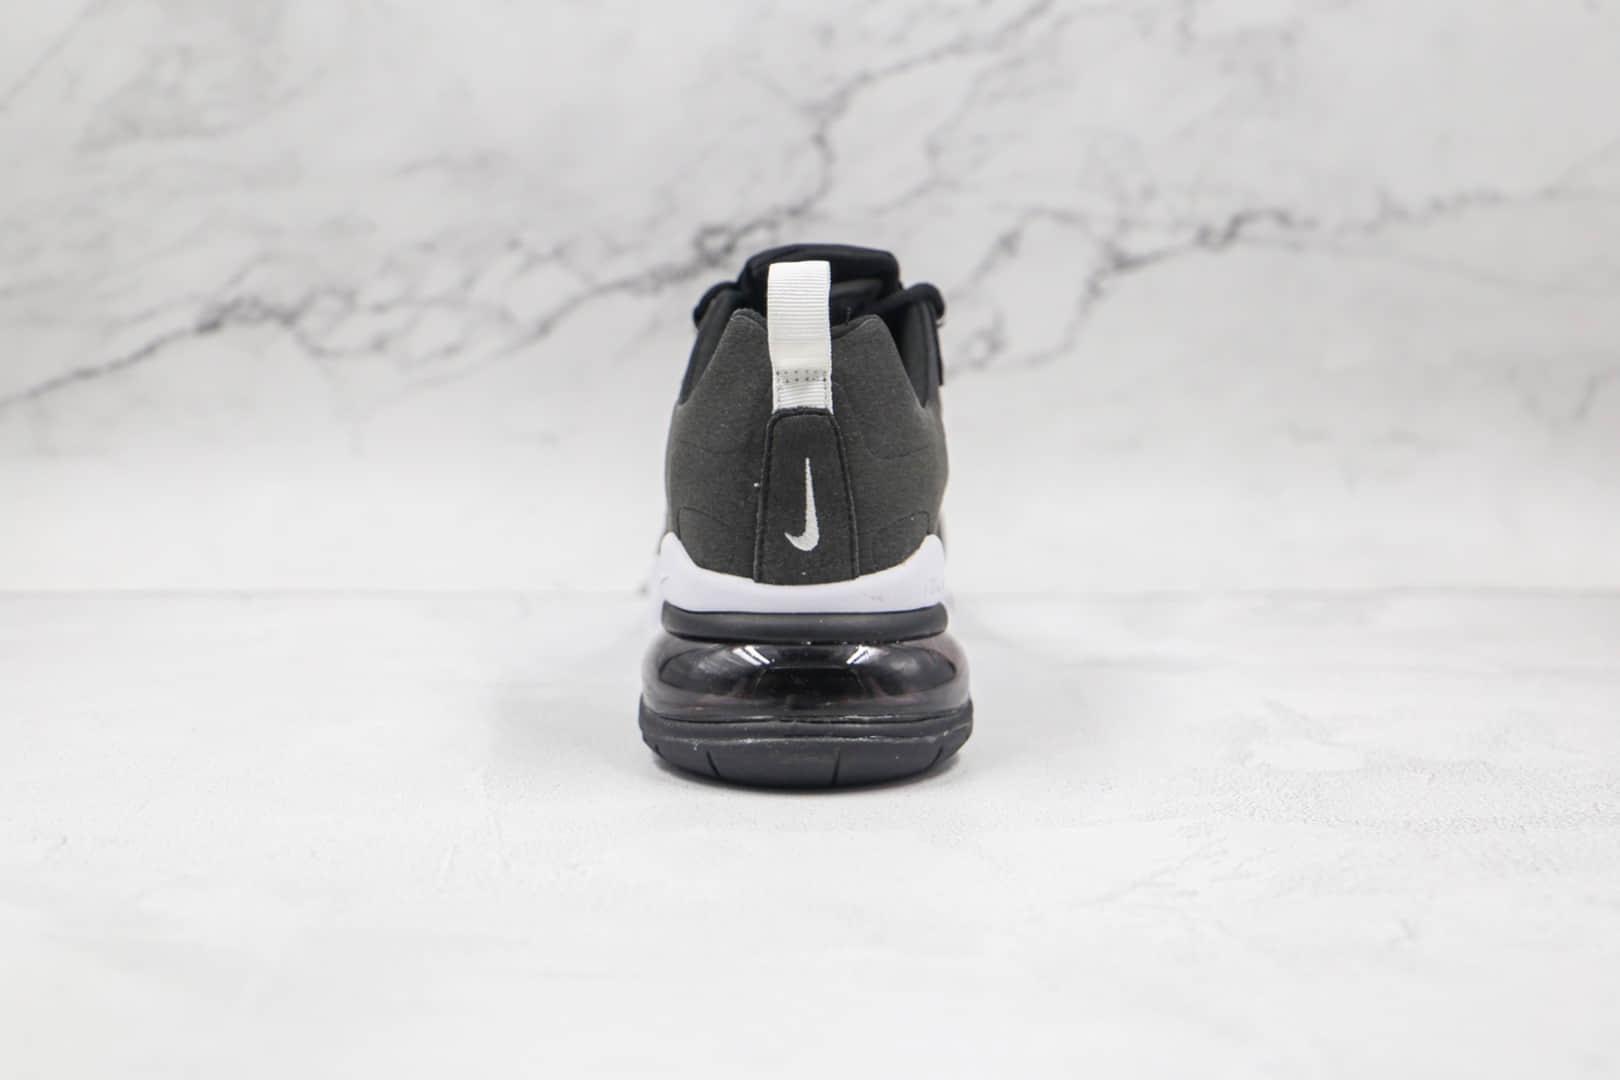 耐克Nike Air Max 270 React纯原版本瑞亚赛车系列半掌气垫跑鞋黑白色原标原盒 货号:CI3866-004